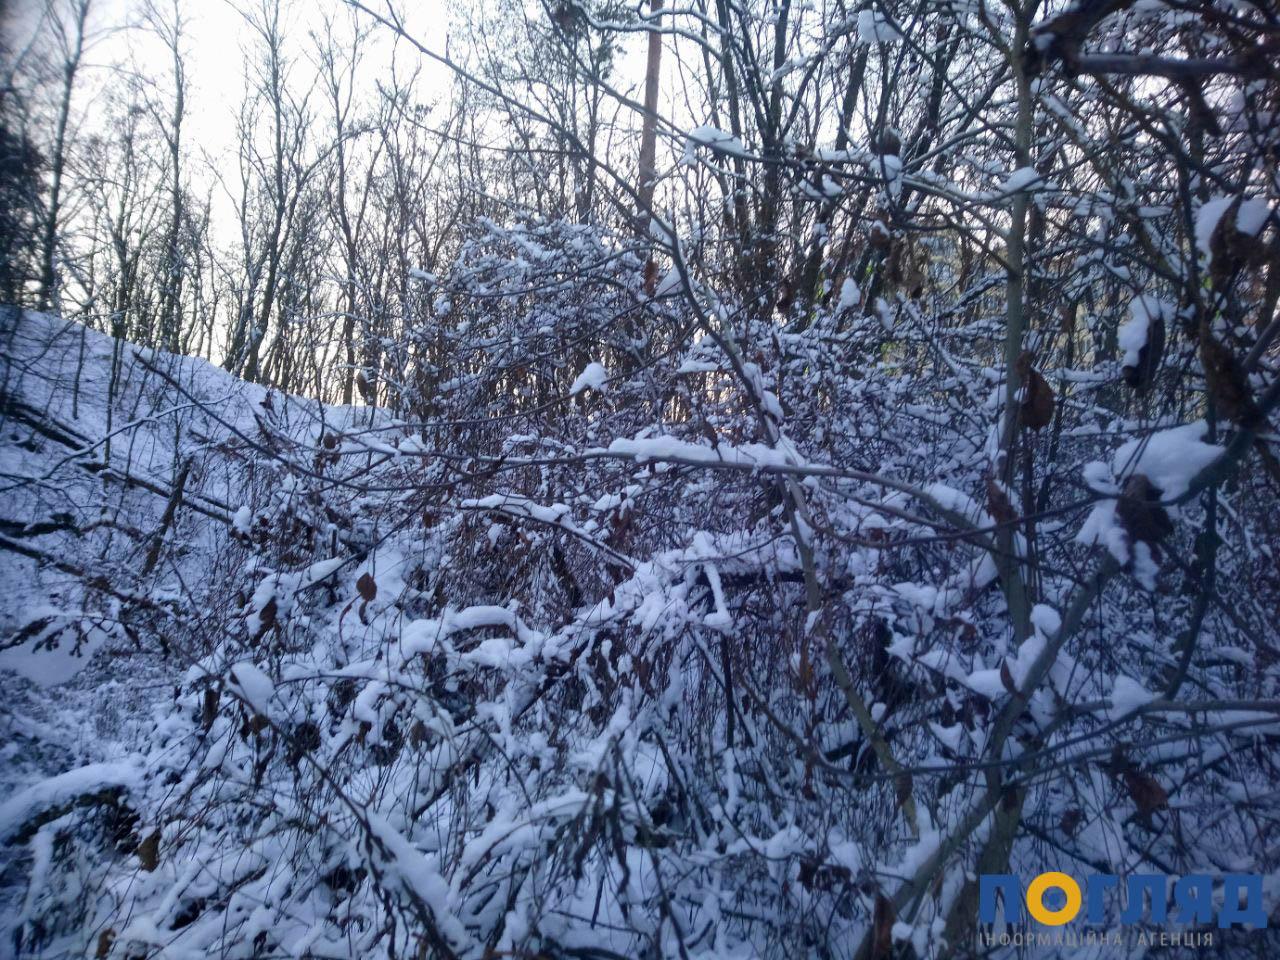 Погодні випробовування продовжуються: Київщину попередили про хуртовину - штормове попередження, шквальний вітер, снігопад, погода, жовтий рівень небезпеки - photo5269702741234659864